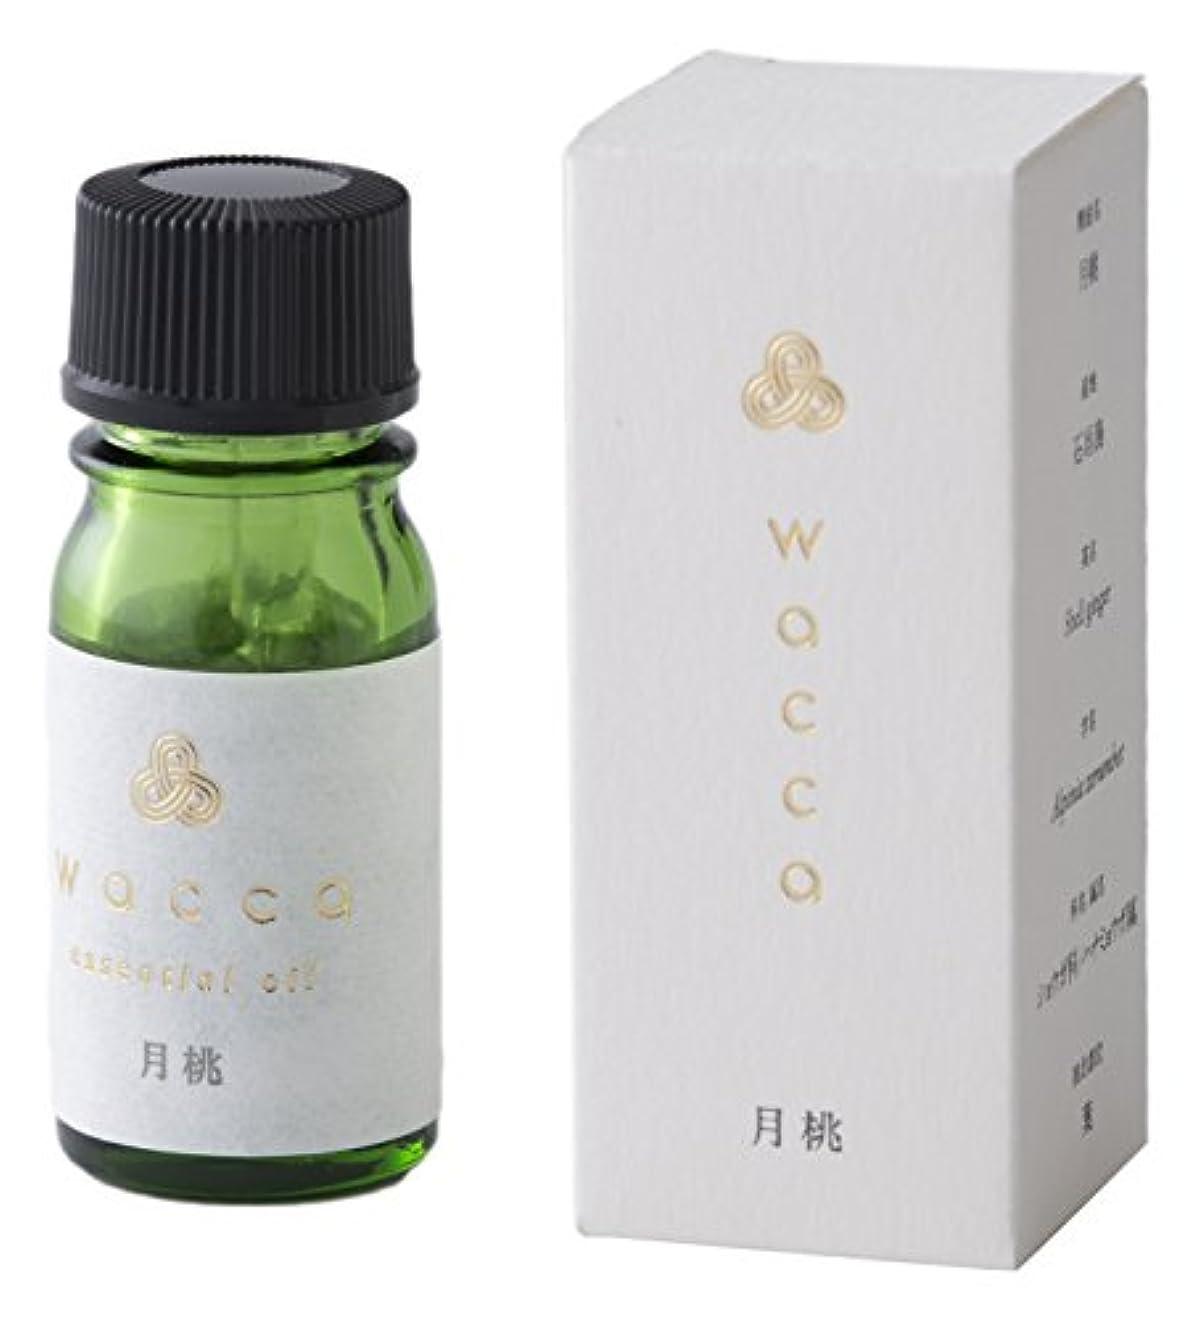 散逸深い一般的に言えばwacca ワッカ エッセンシャルオイル 3ml 月桃 ゲットウ Shell ginger essential oil 和精油 KUSU HANDMADE